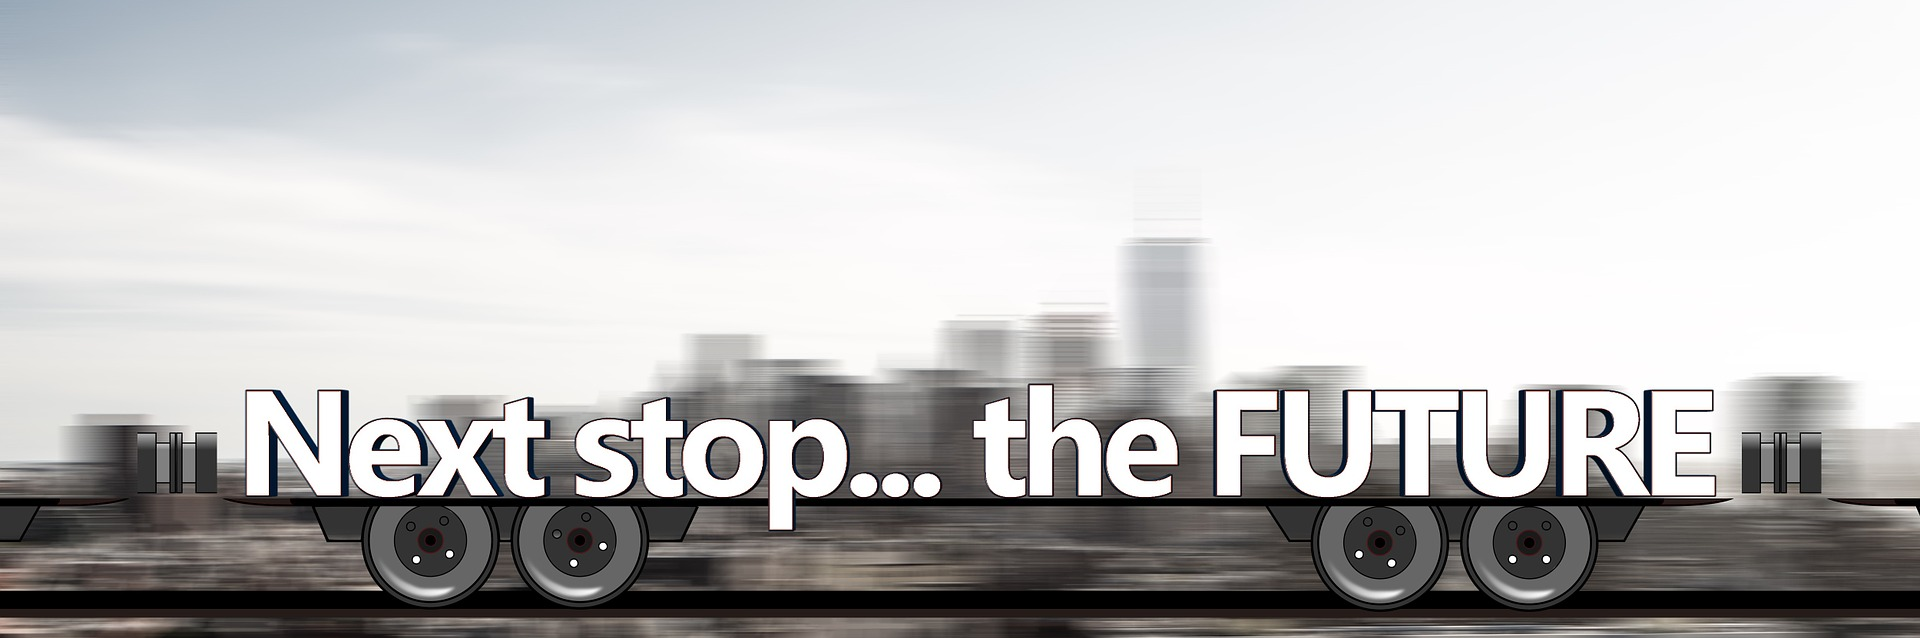 IL NUOVO STANDARD IATF 16949:2016 È IN ARRIVO! IL TUO SISTEMA DI GESTIONE QUALITÀ È GIÀ IN REGOLA?